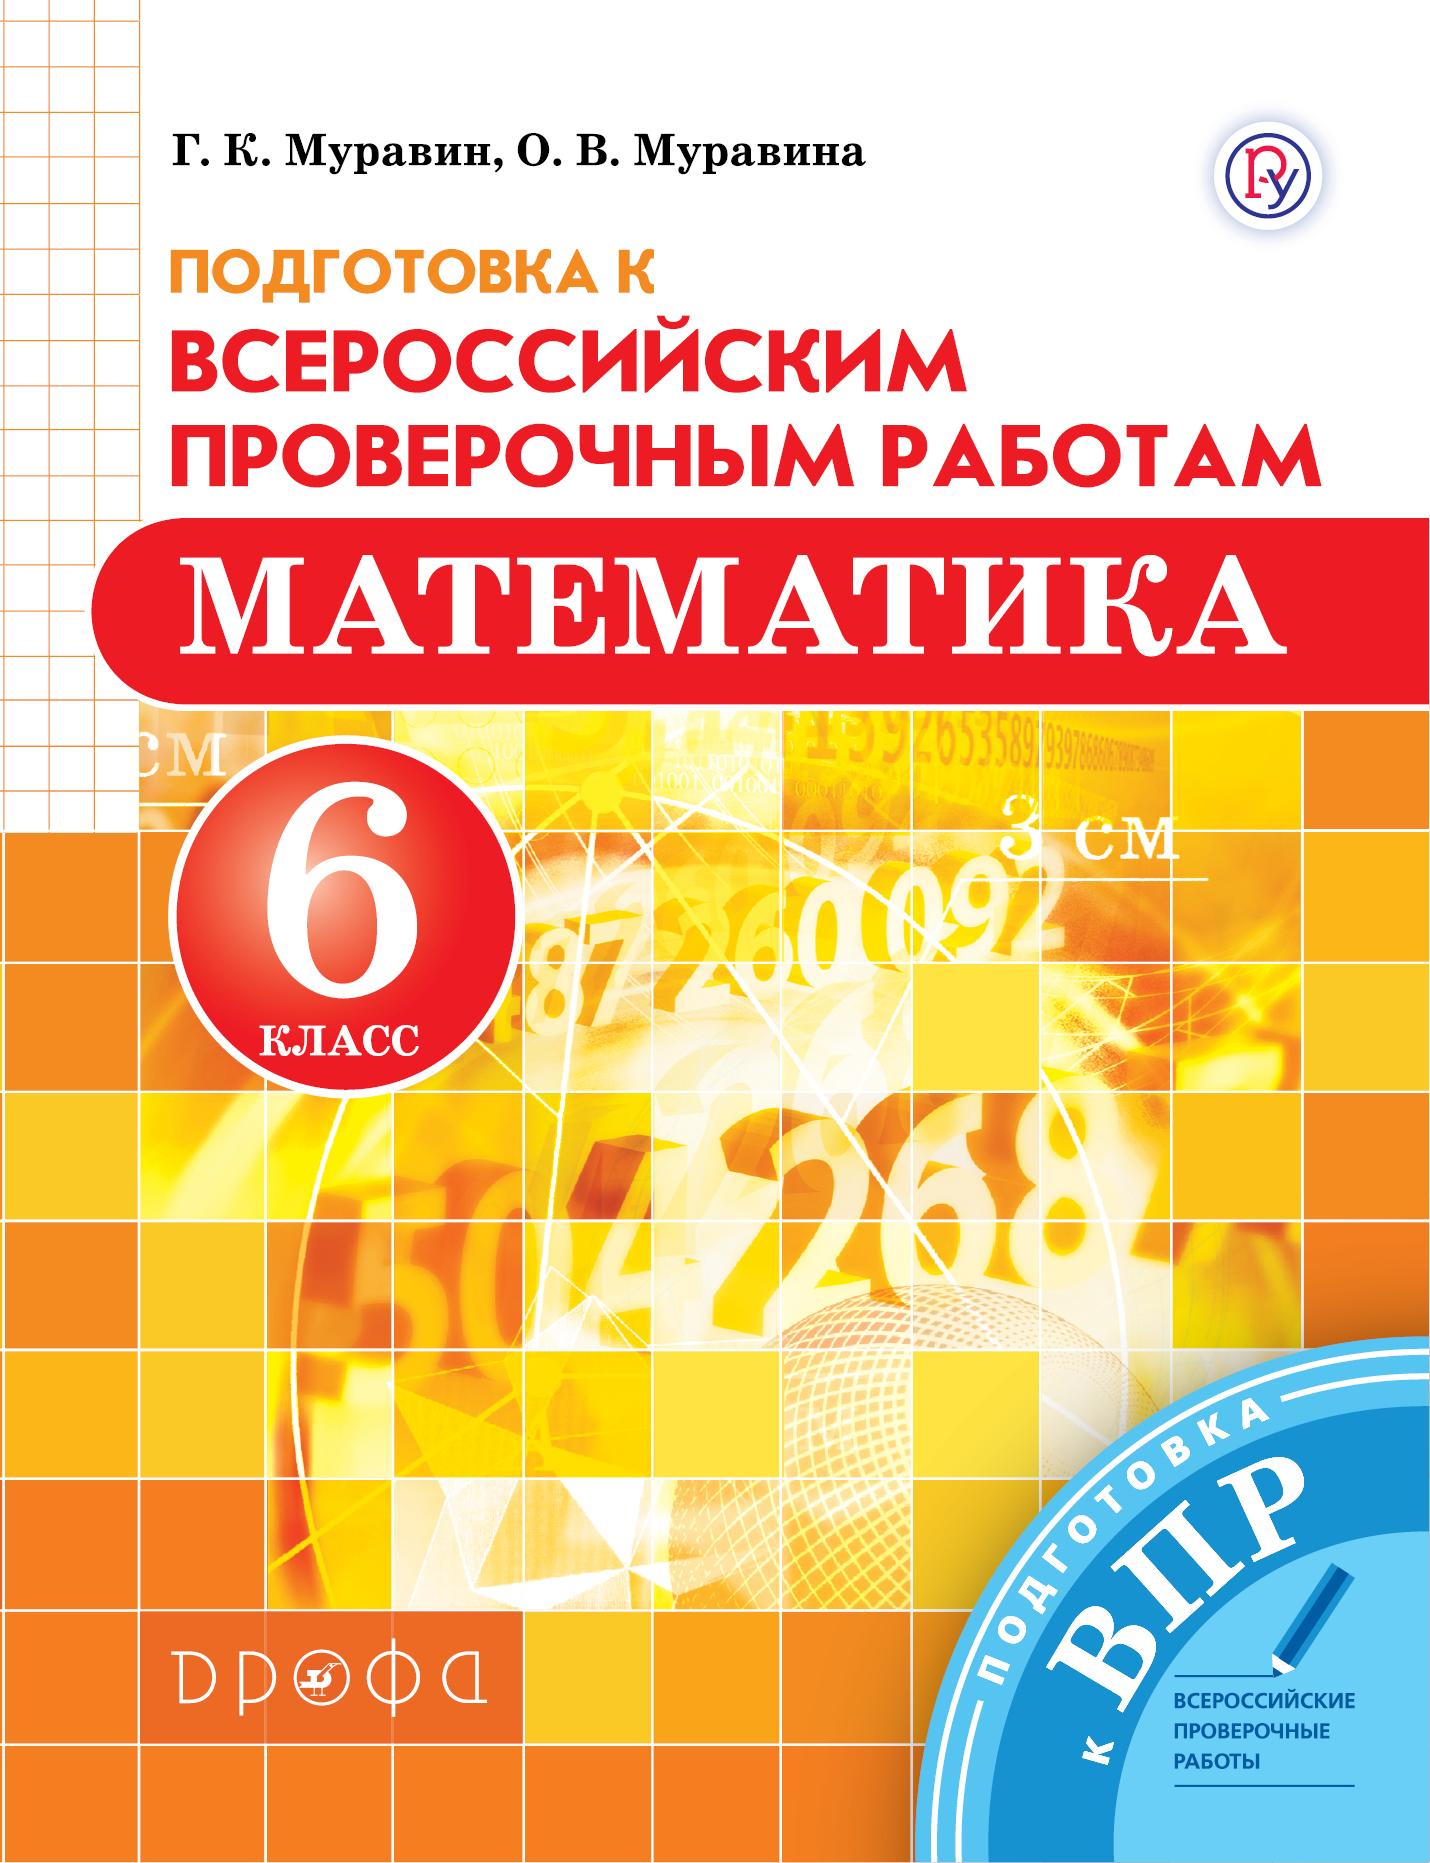 Муравин Г.К., Муравина О.В. Математика. 6 класс. Всероссийские проверочные работы.